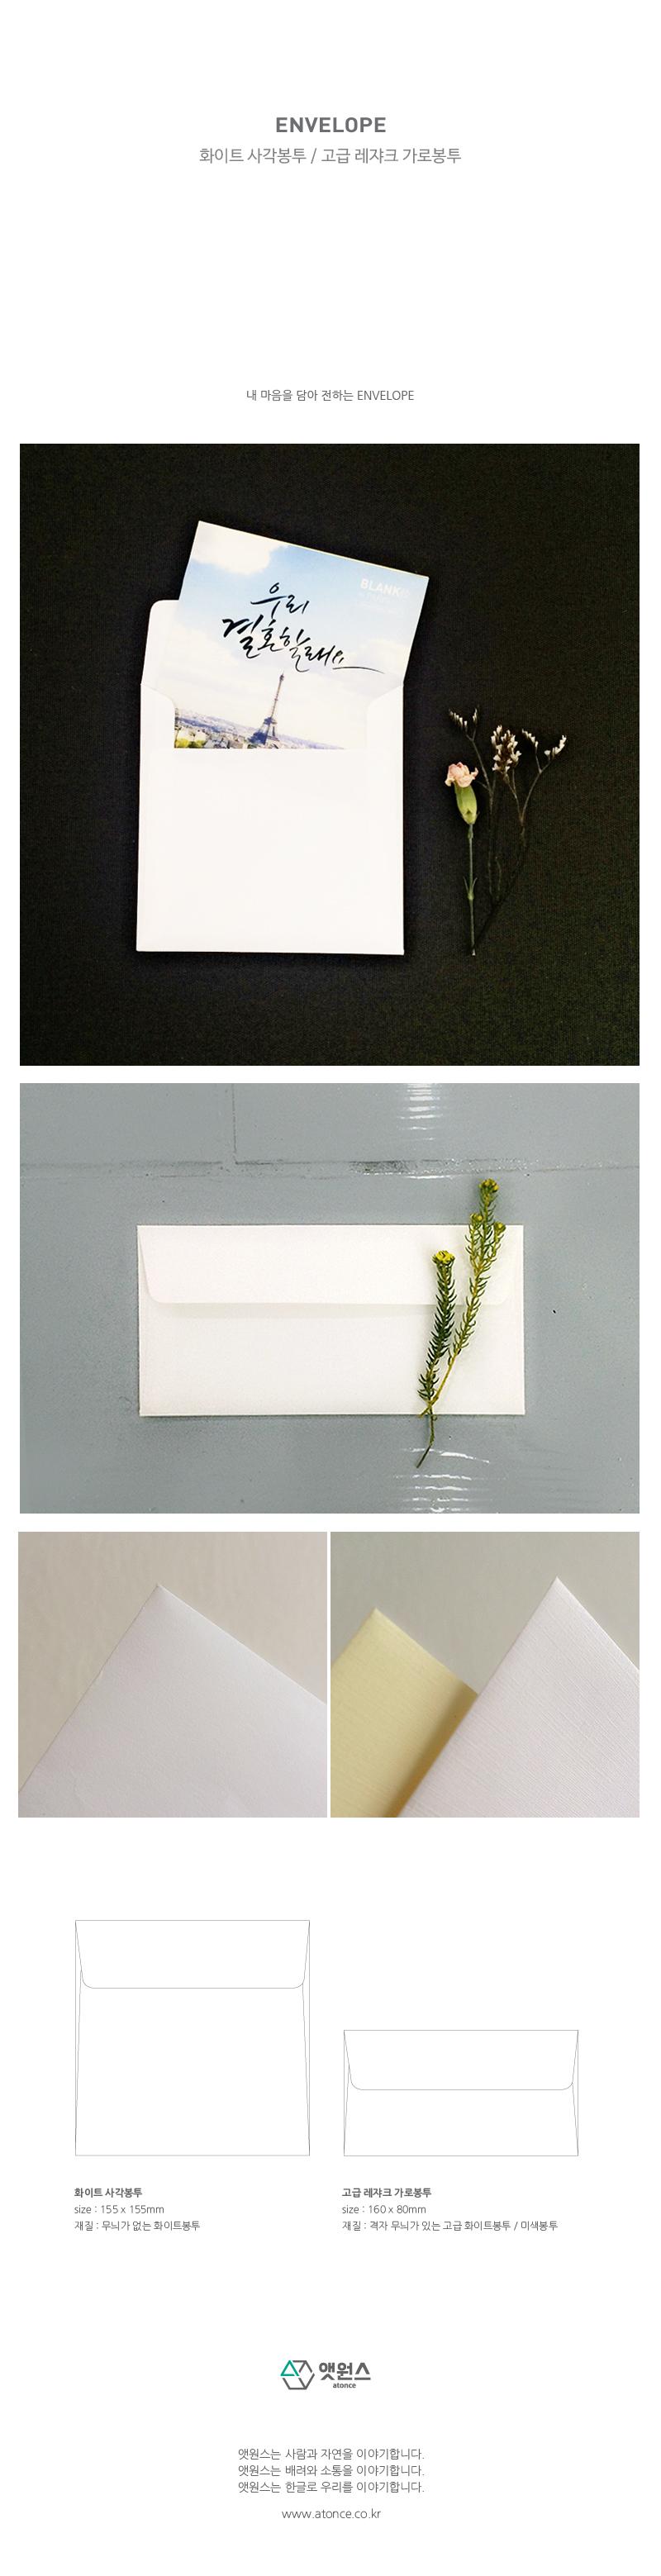 앳원스 - 화이트 무지엽서(40매)2,000원-앳원스디자인문구, 카드/편지/봉투, 엽서, 심플바보사랑앳원스 - 화이트 무지엽서(40매)2,000원-앳원스디자인문구, 카드/편지/봉투, 엽서, 심플바보사랑